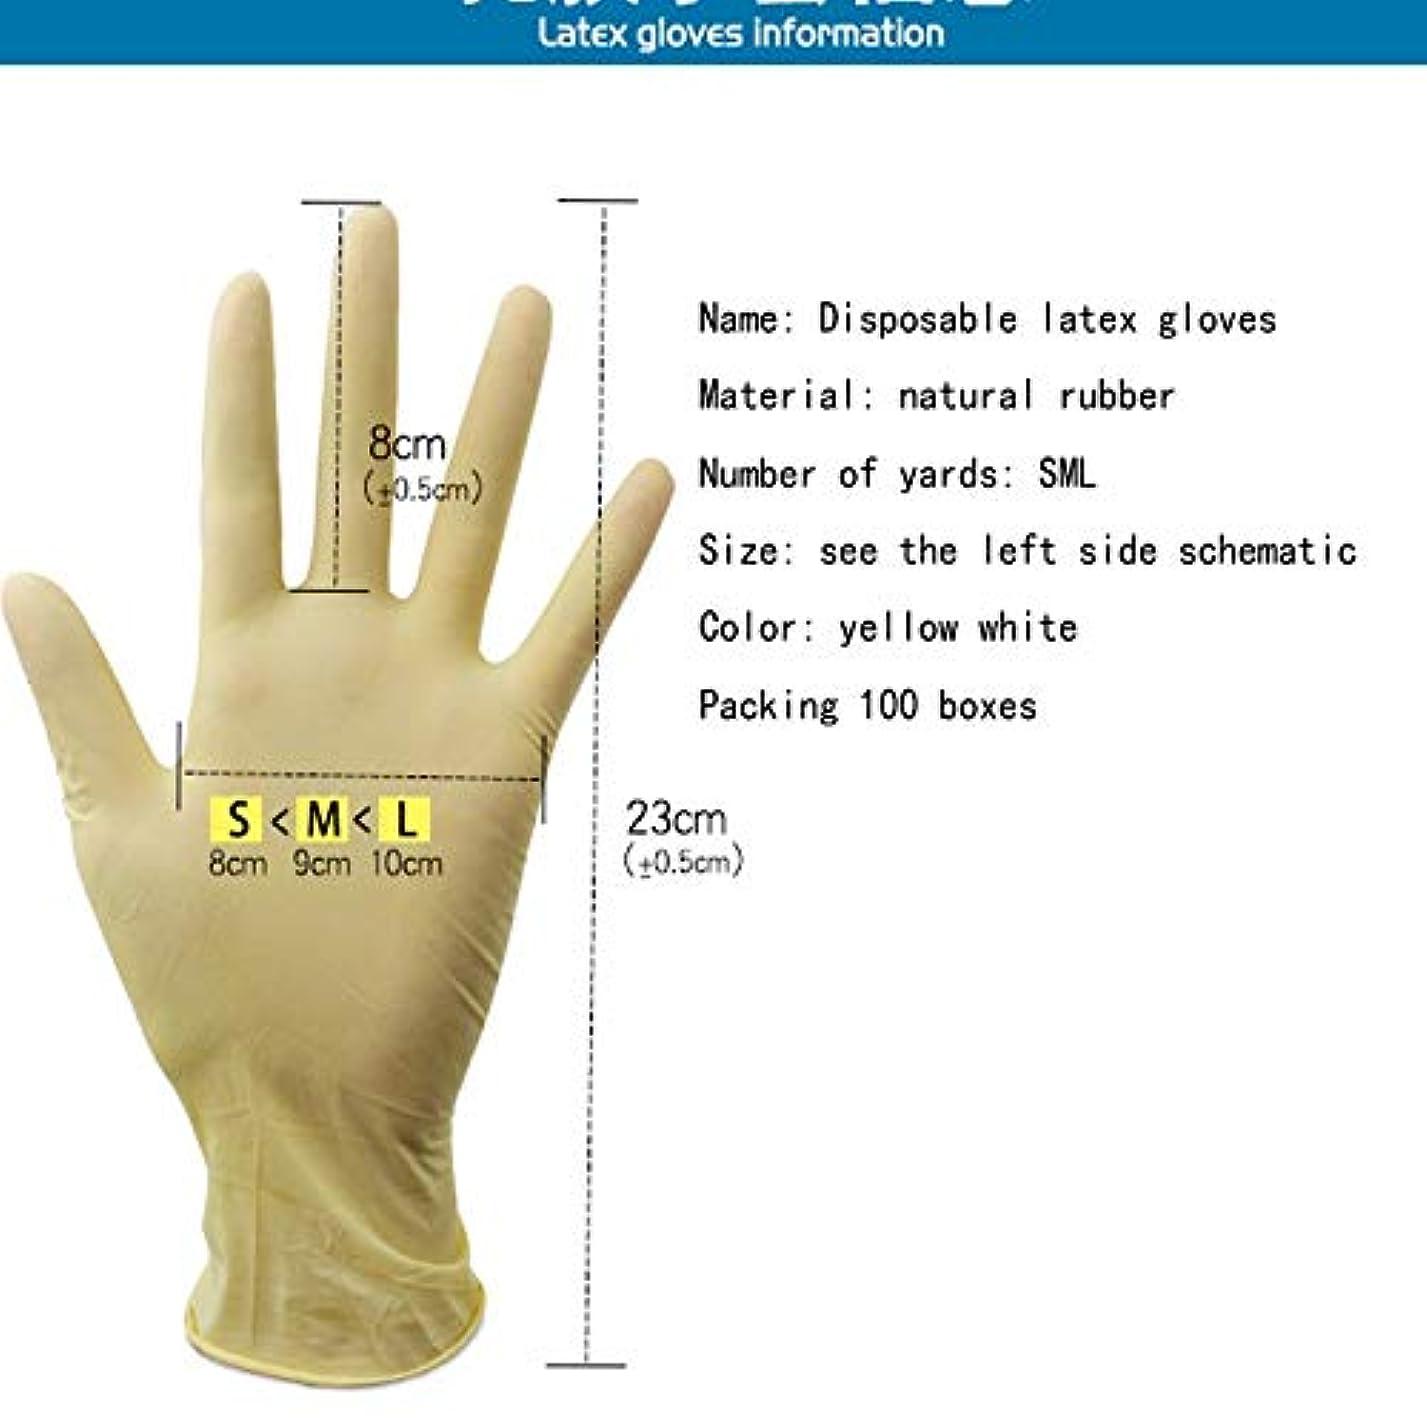 鳴らす誕生日貢献する使い捨て手袋 - これらの使い捨て食品準備手袋はまた台所クリーニング、プラスチックおよび透明のために使用することができます - 100部分ラテックス手袋 (Color : Beige)